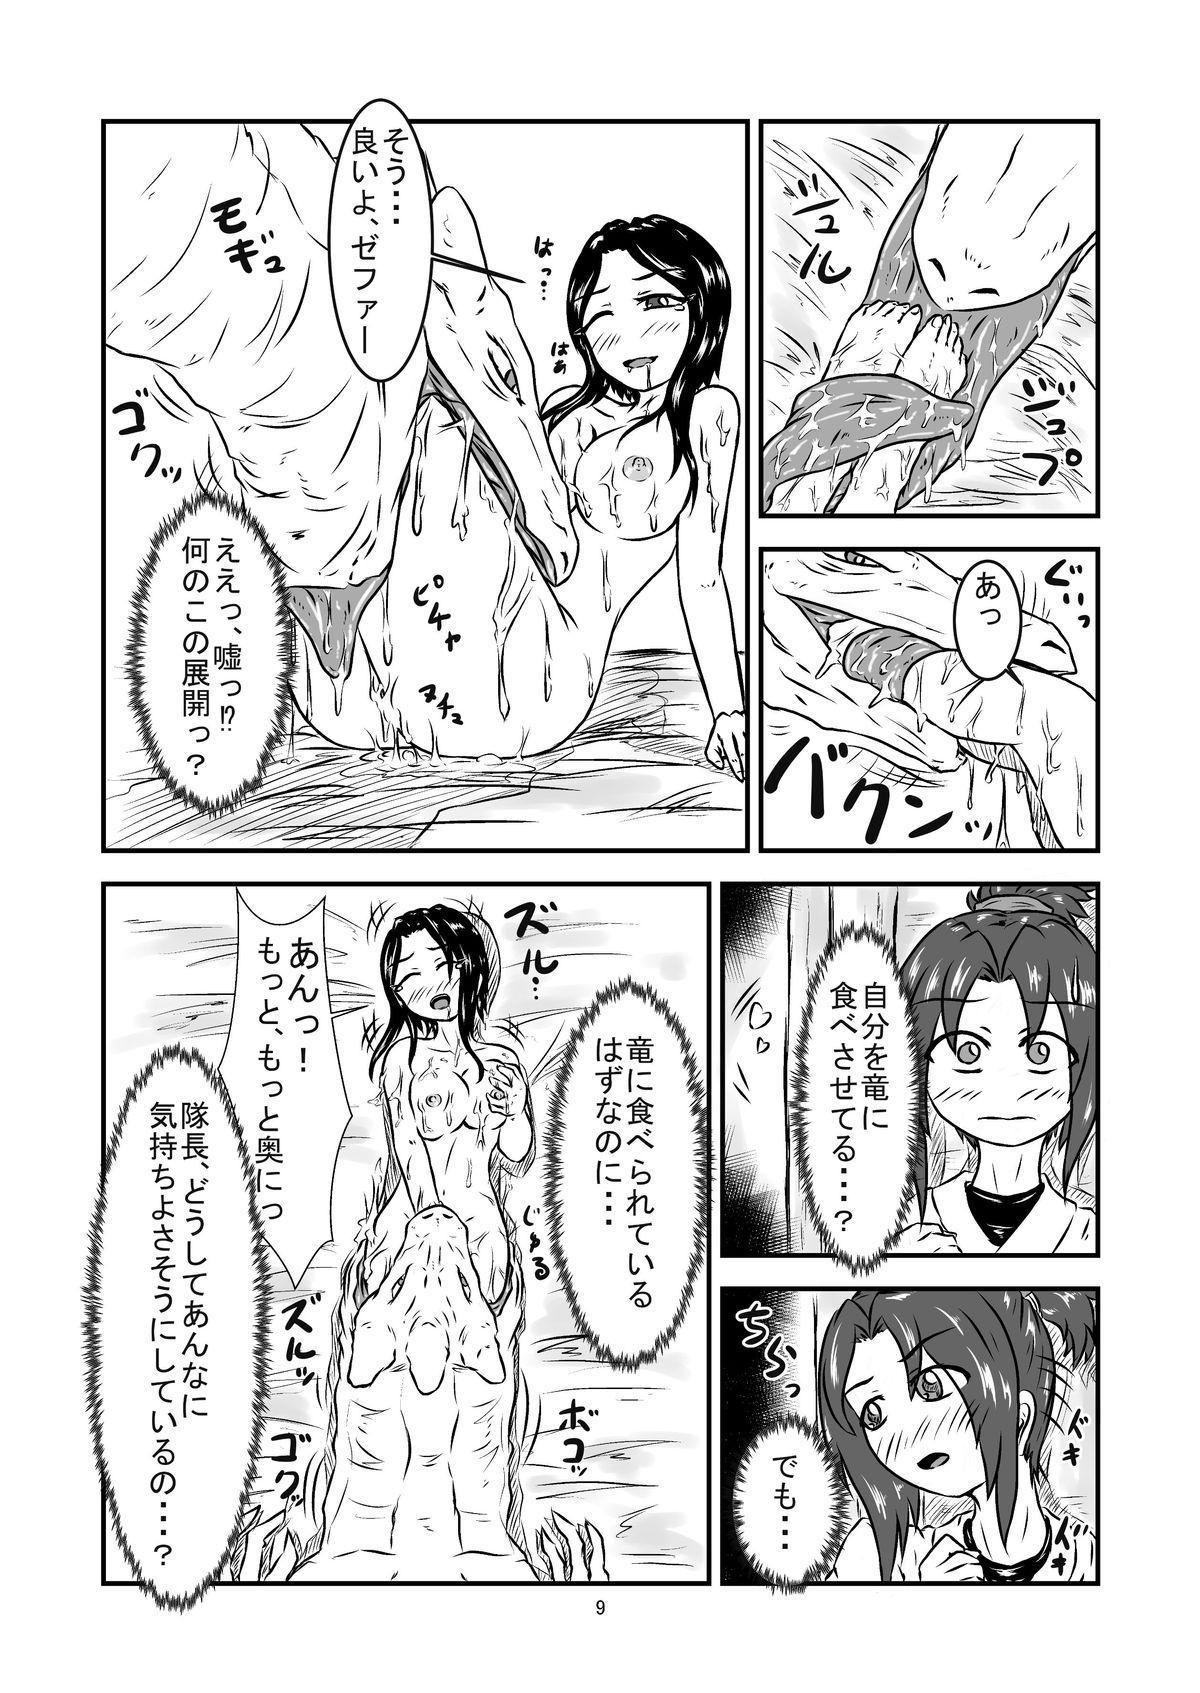 Marunomi Hanashi 8